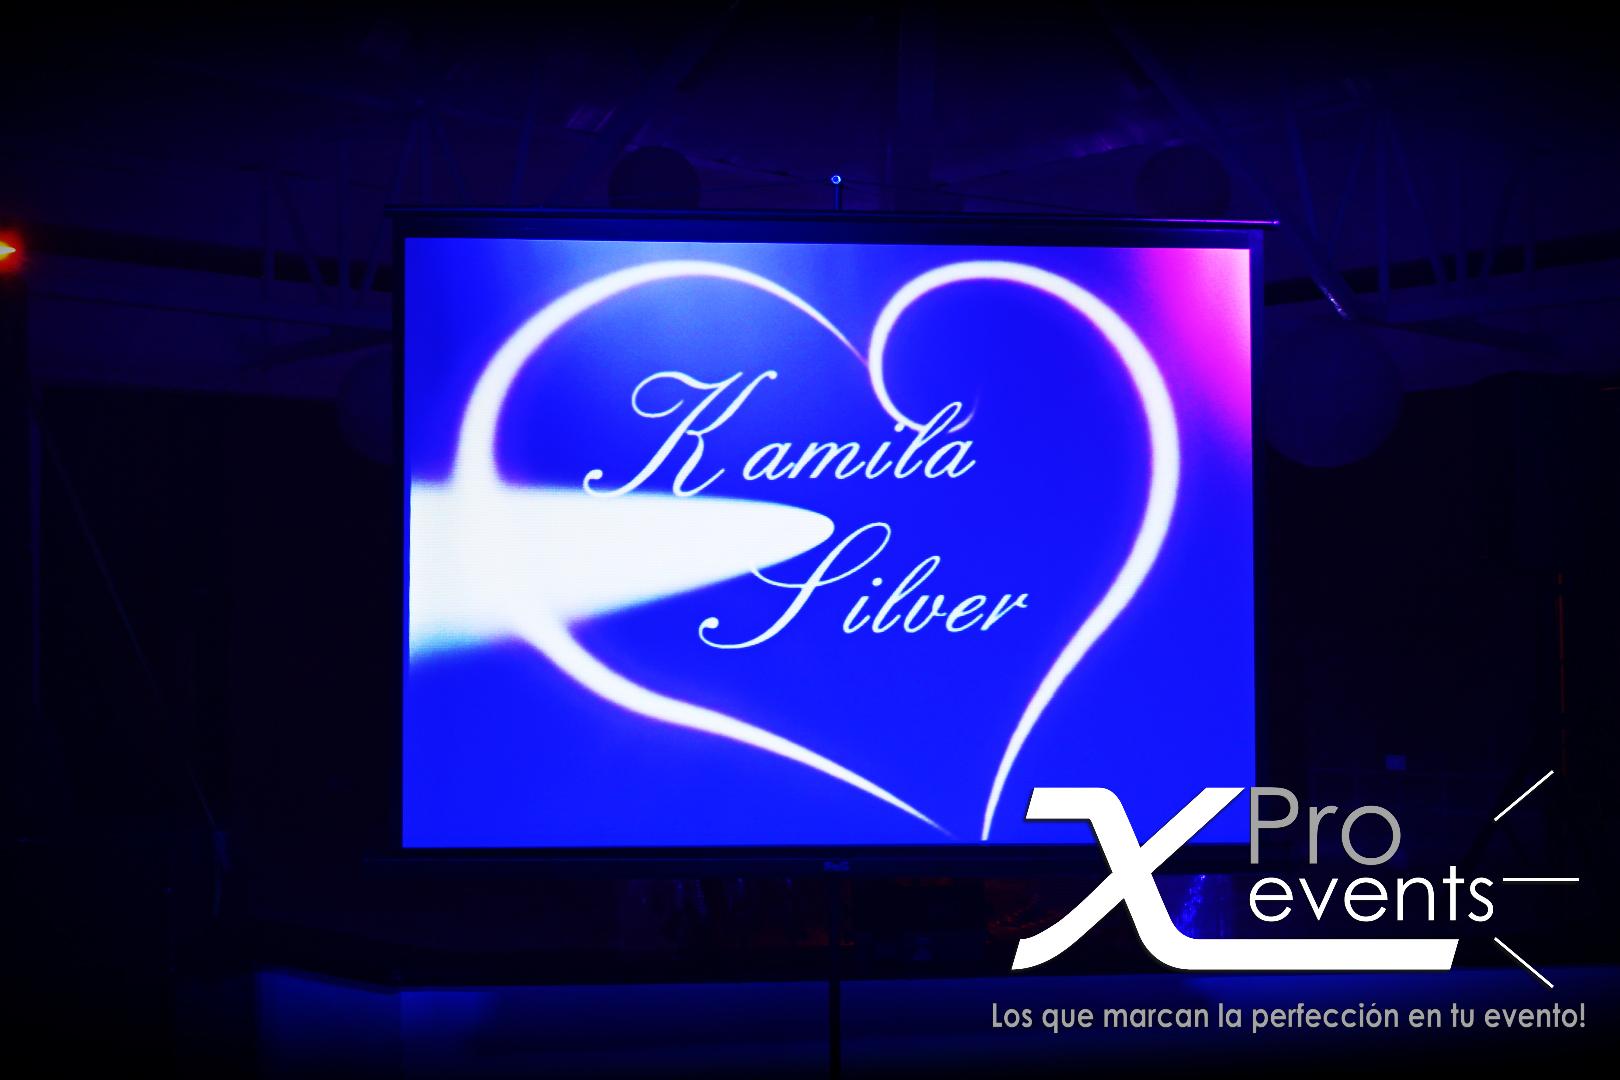 www.Xproevents.com - Sistemas de proyeccion.JPG